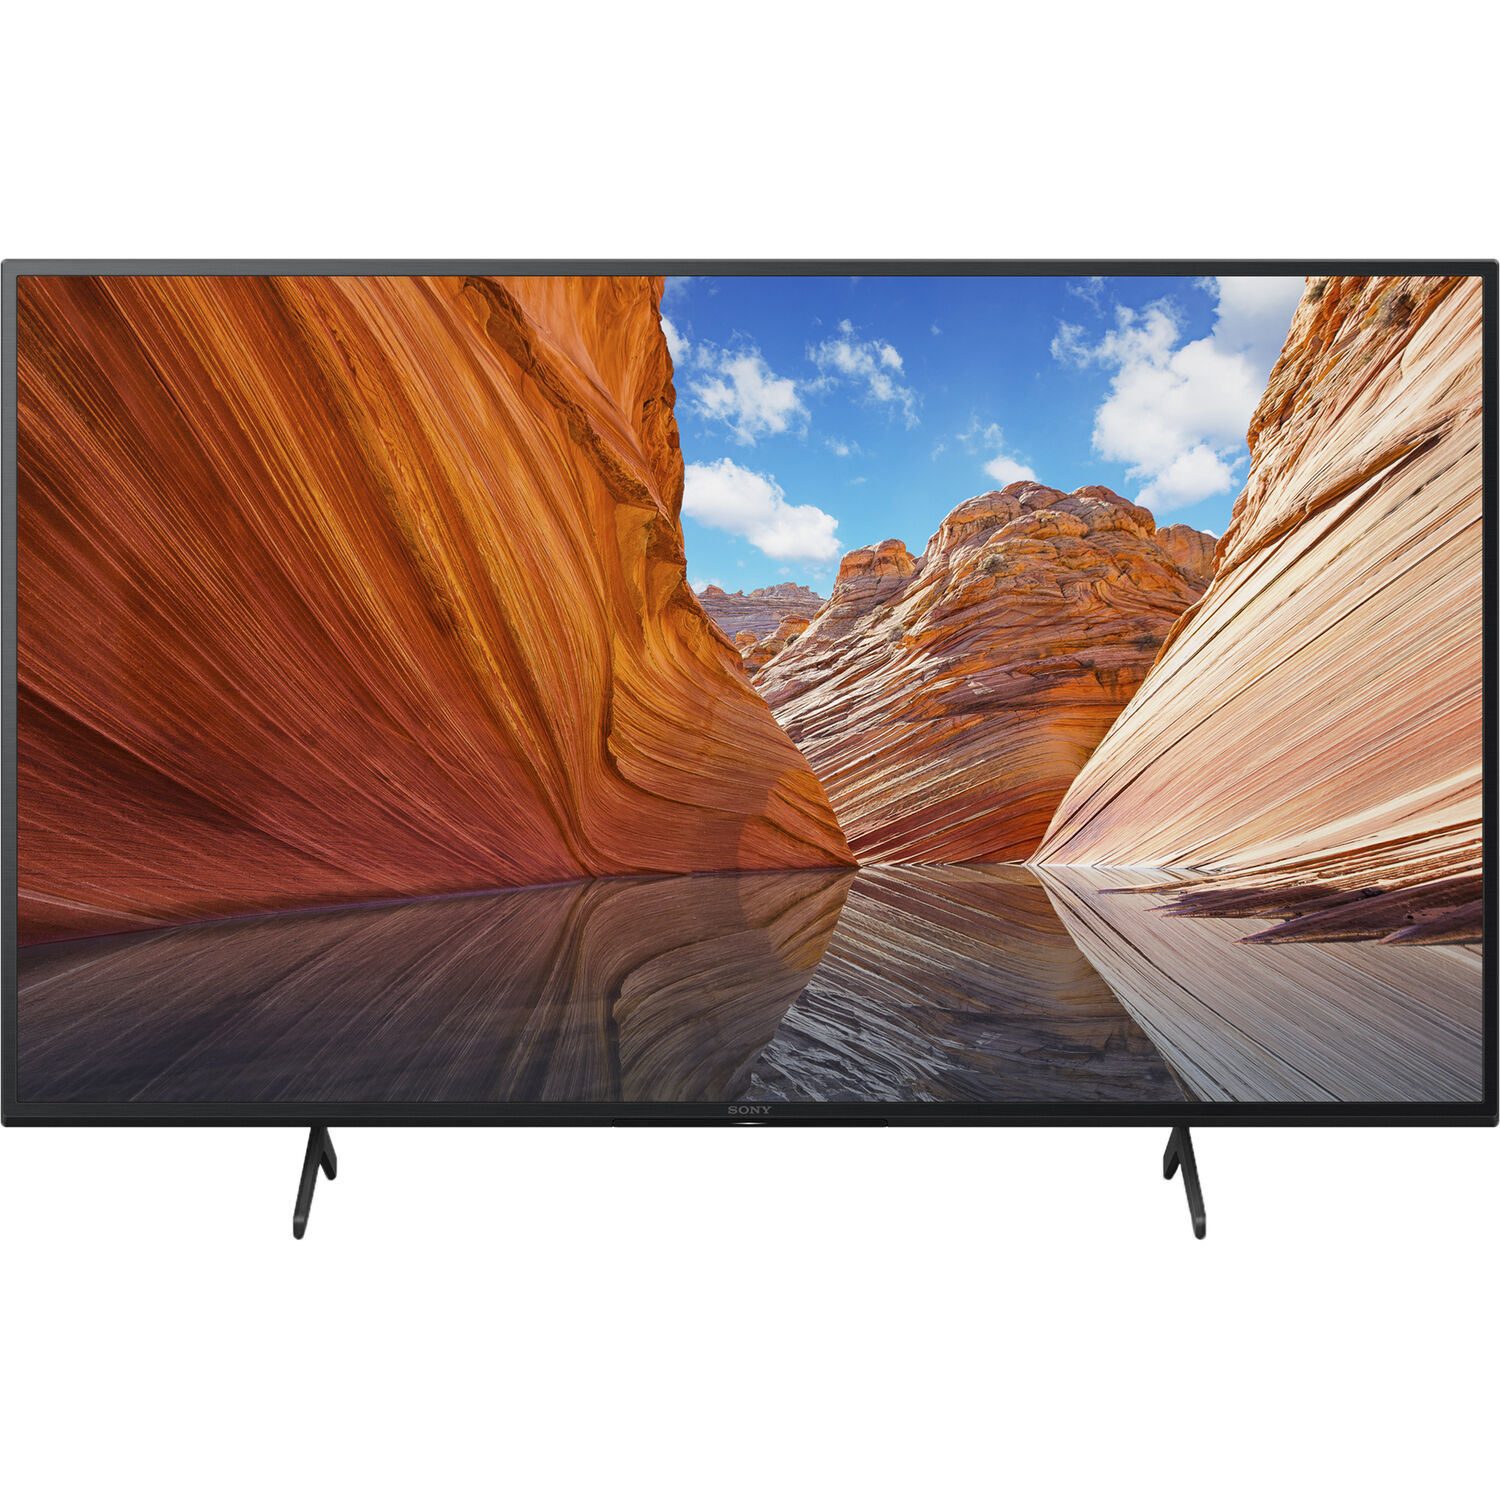 KD-43X81J телевизор Sony Bravia